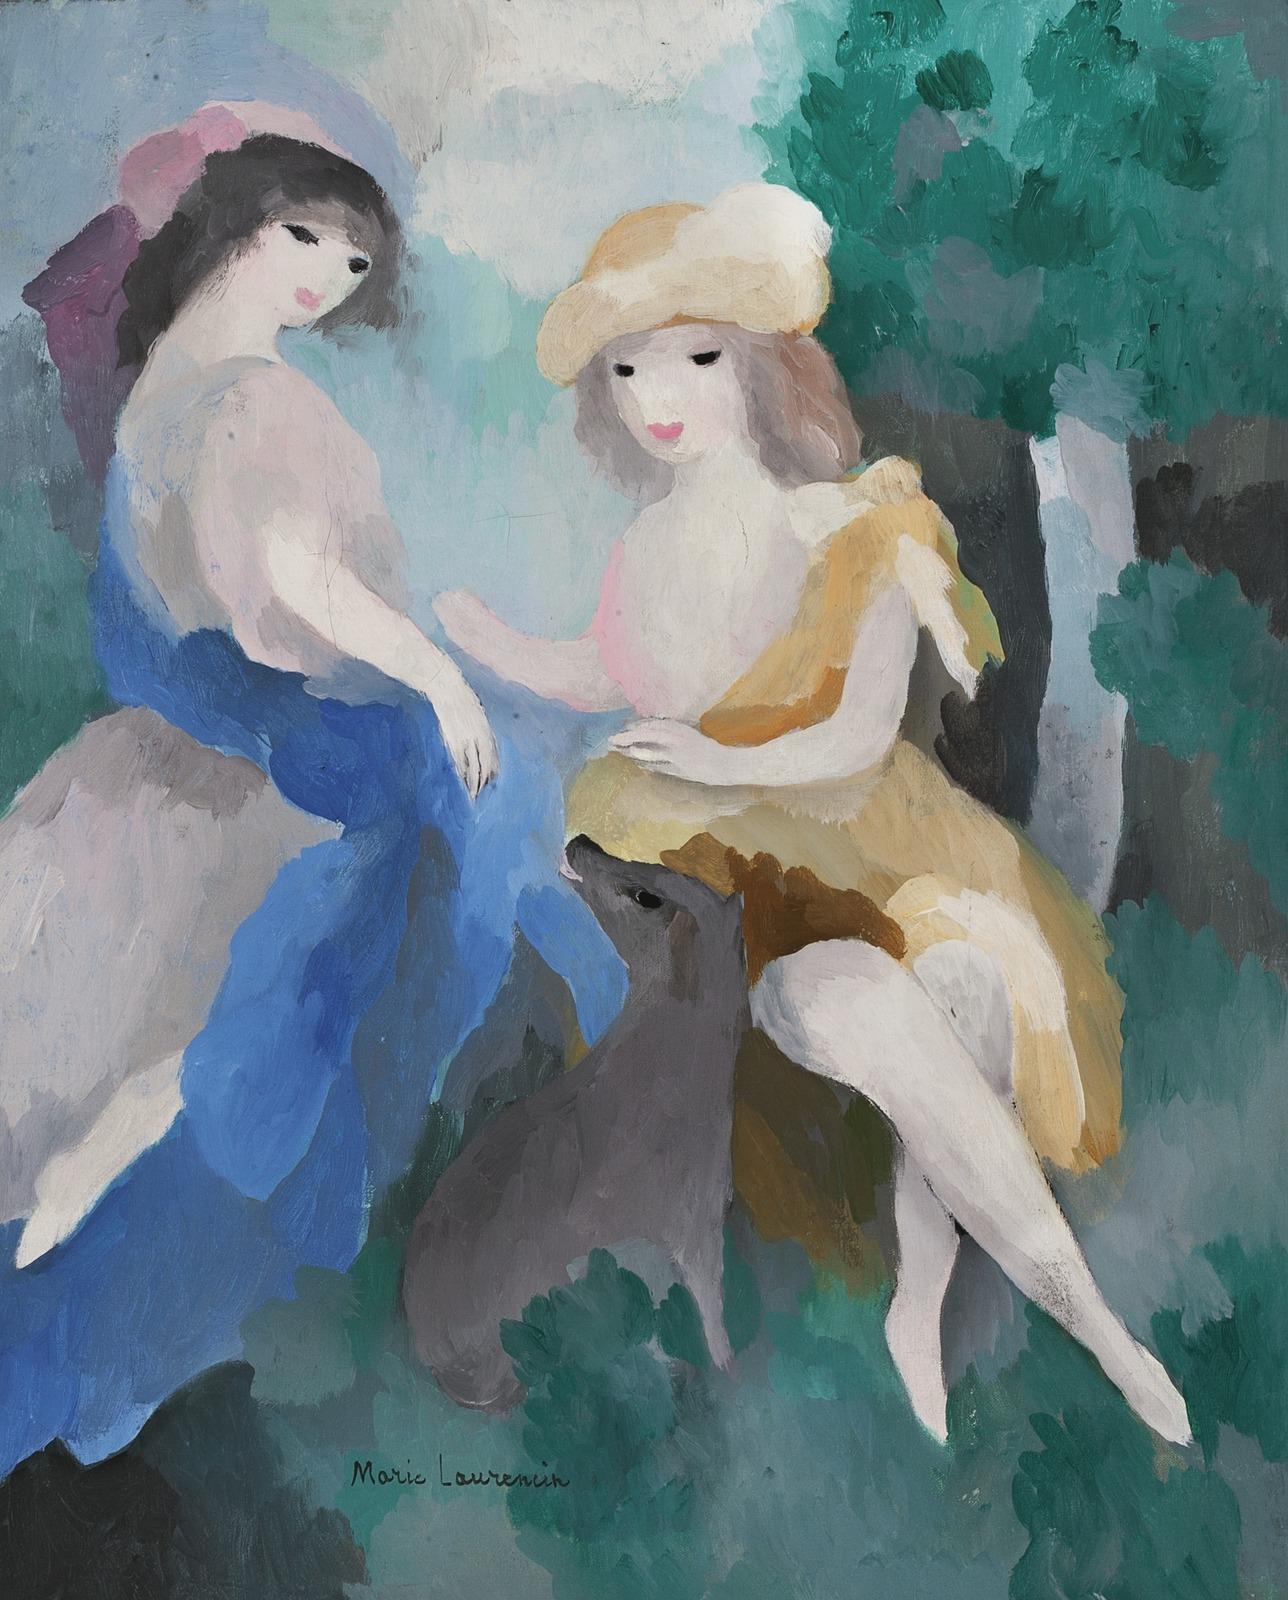 1925-1926_Две девушки и собака в лесу (Deux Jeunes Femmes au Chien En Foret)_46 х 37.8_х.,м._Частное собрание.jpg